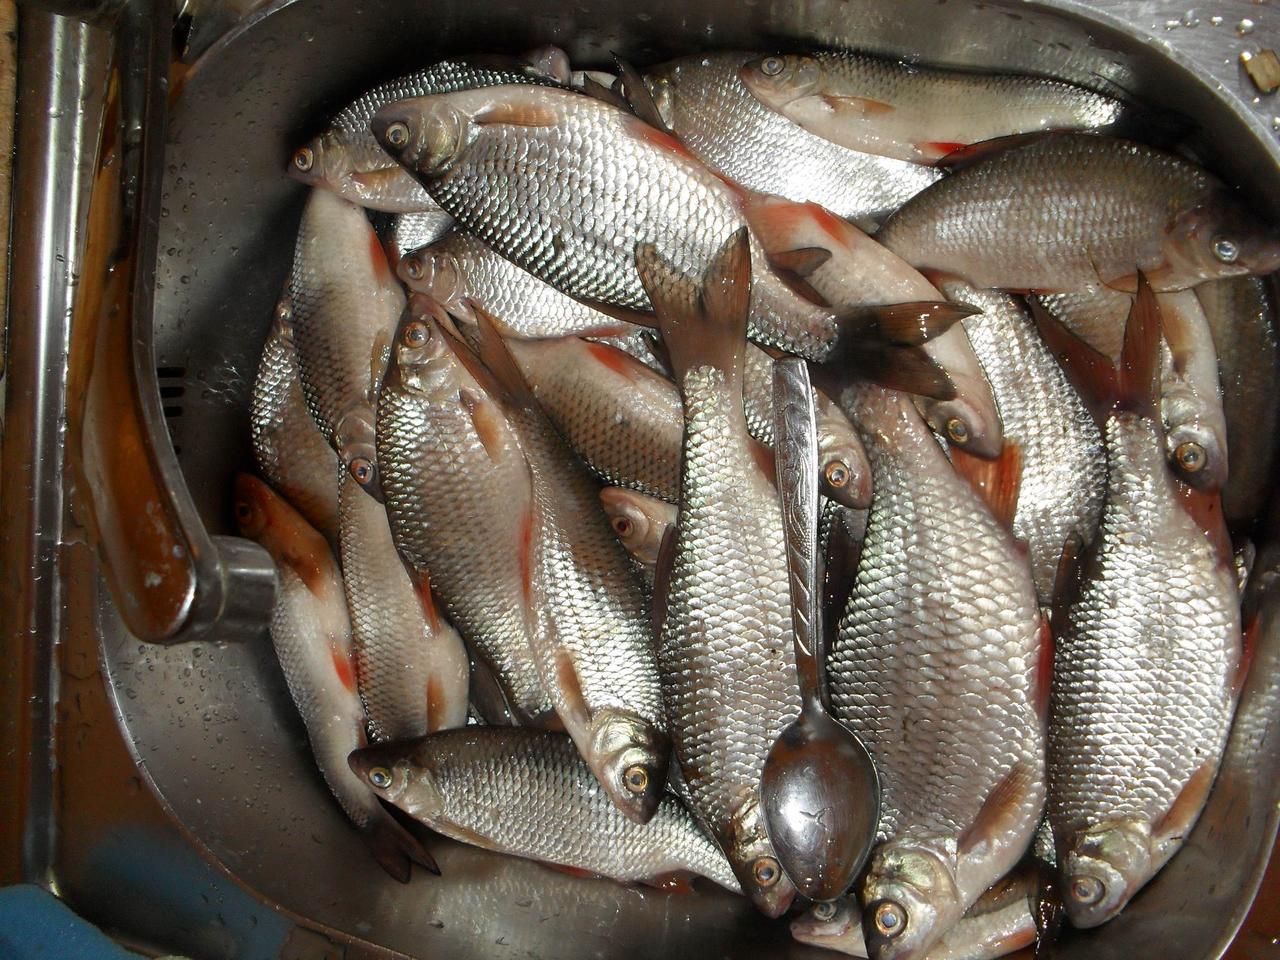 Рыбалка на маховую удочку весной, Ловля весной на маховую удочку Рыбалка - клев тут 10 фотография